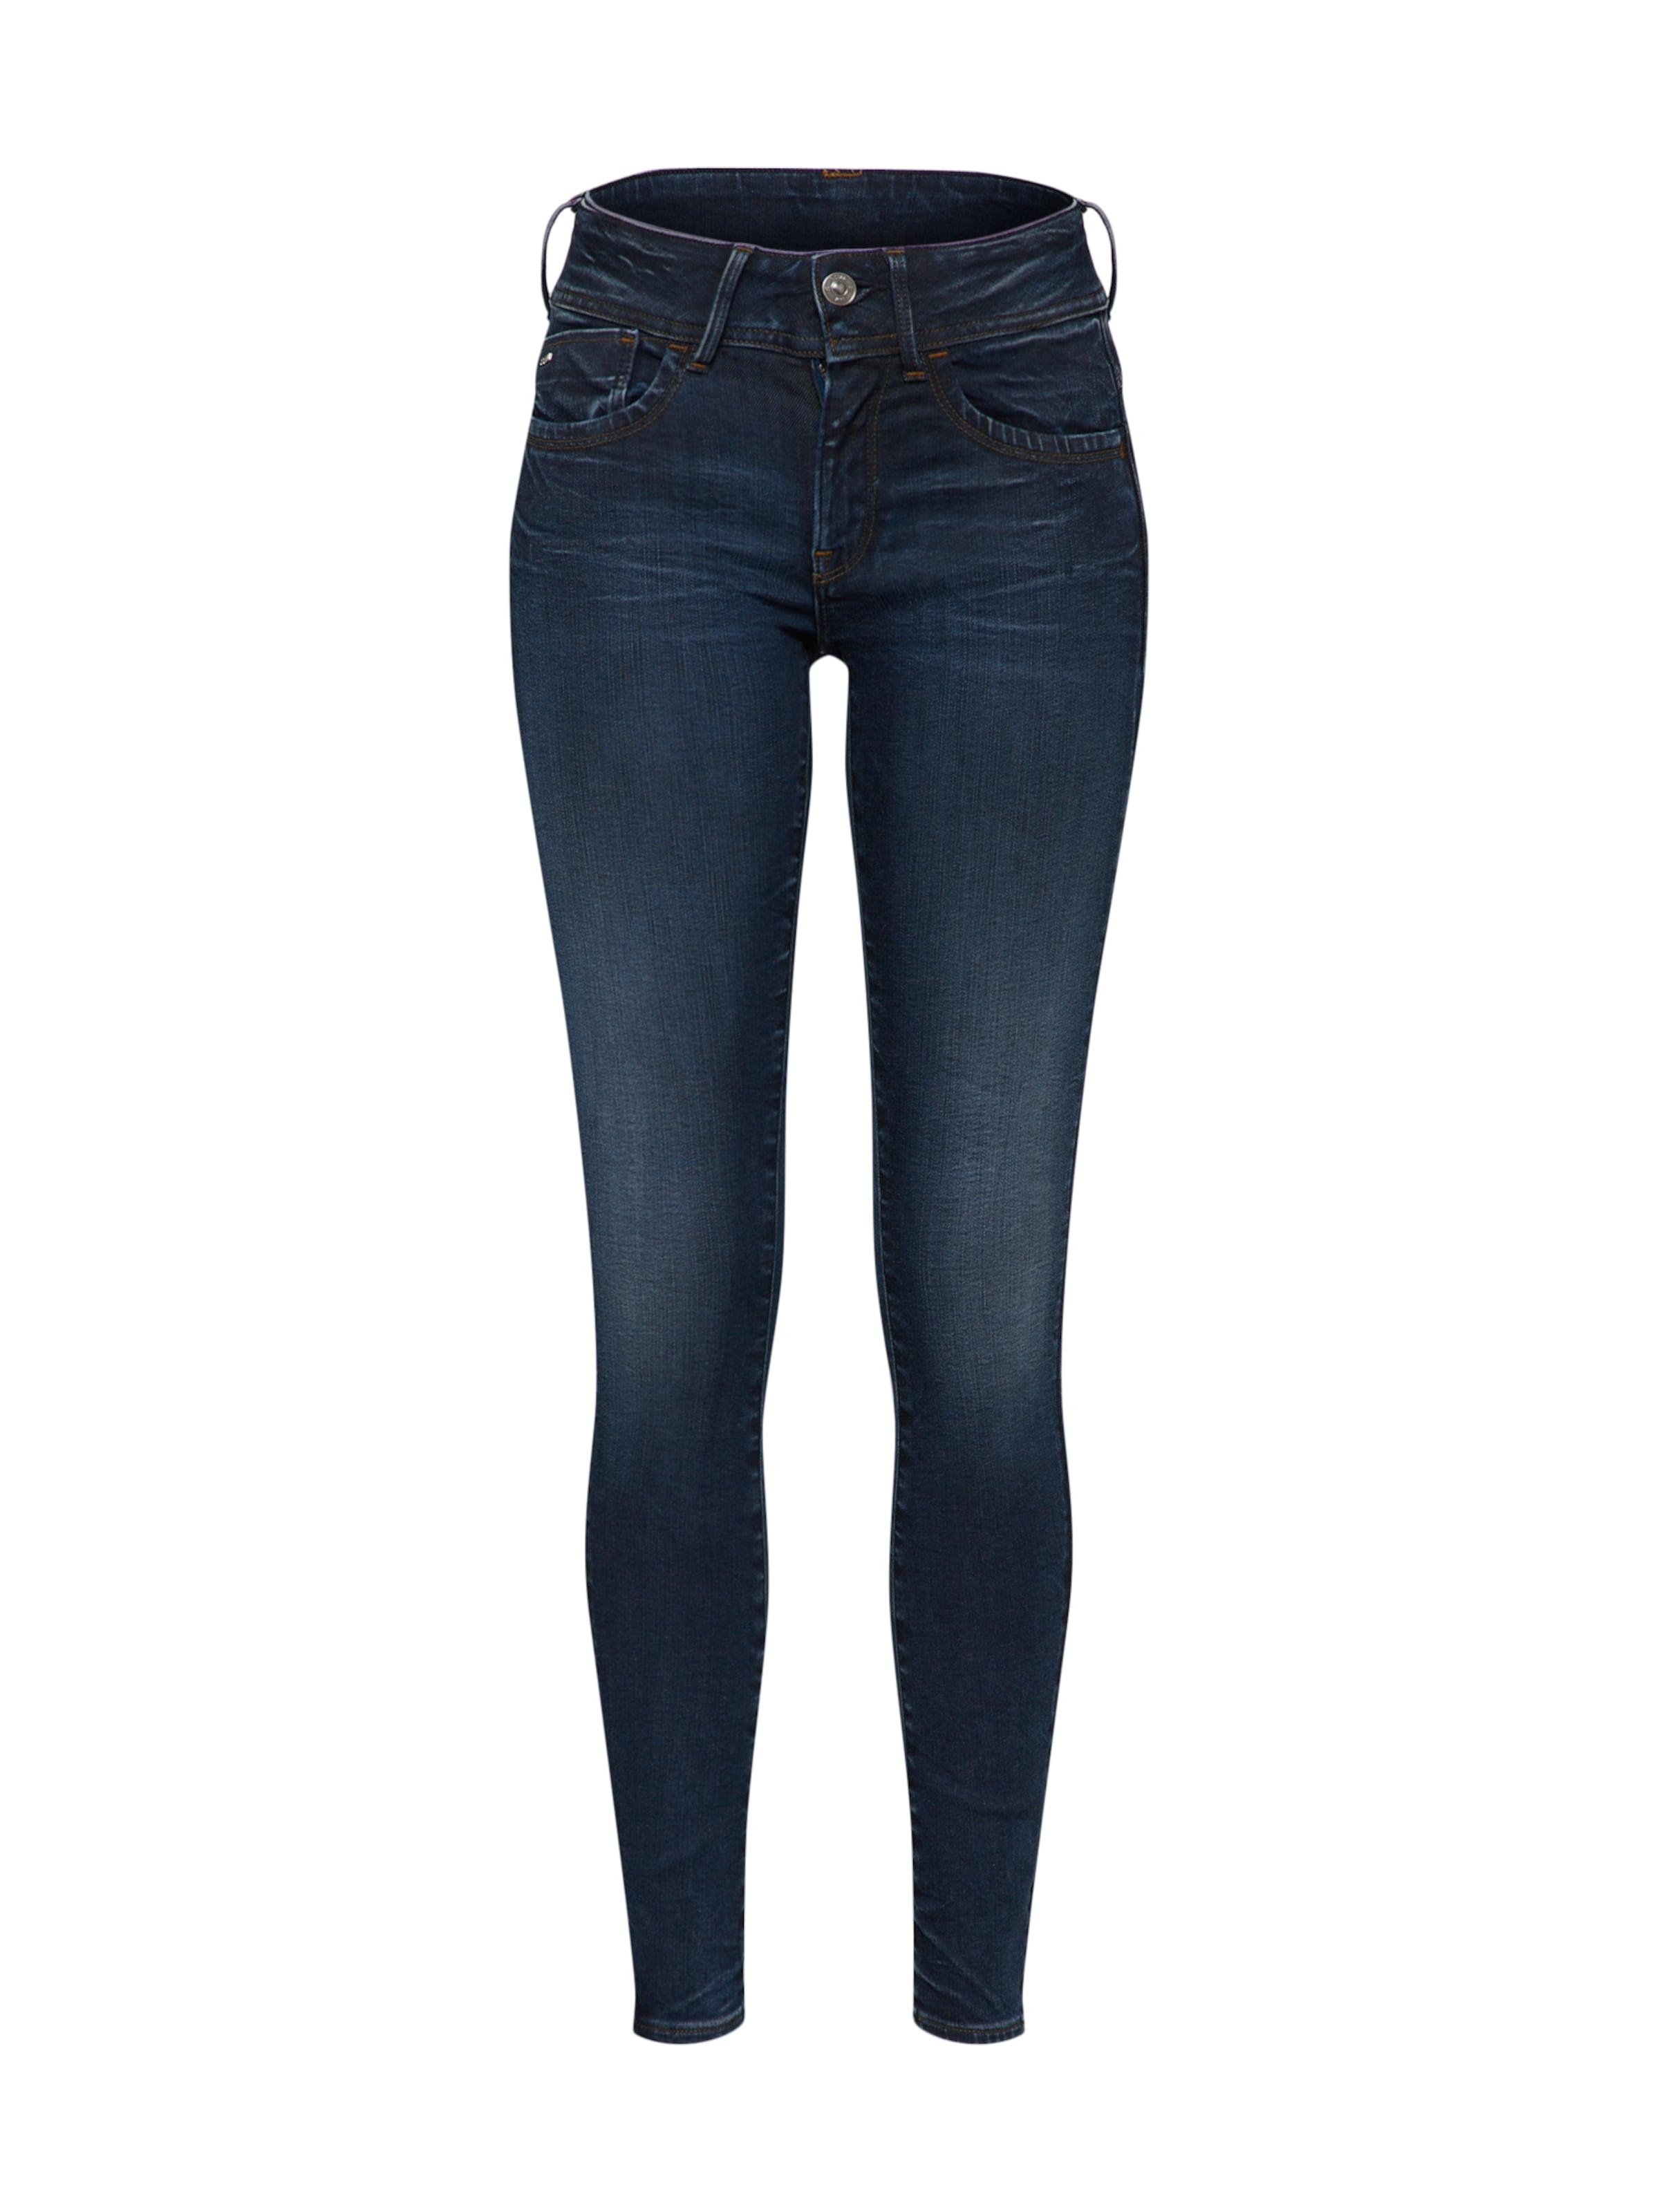 'lynn' Jeans star In G Raw Marine 3jLR45A